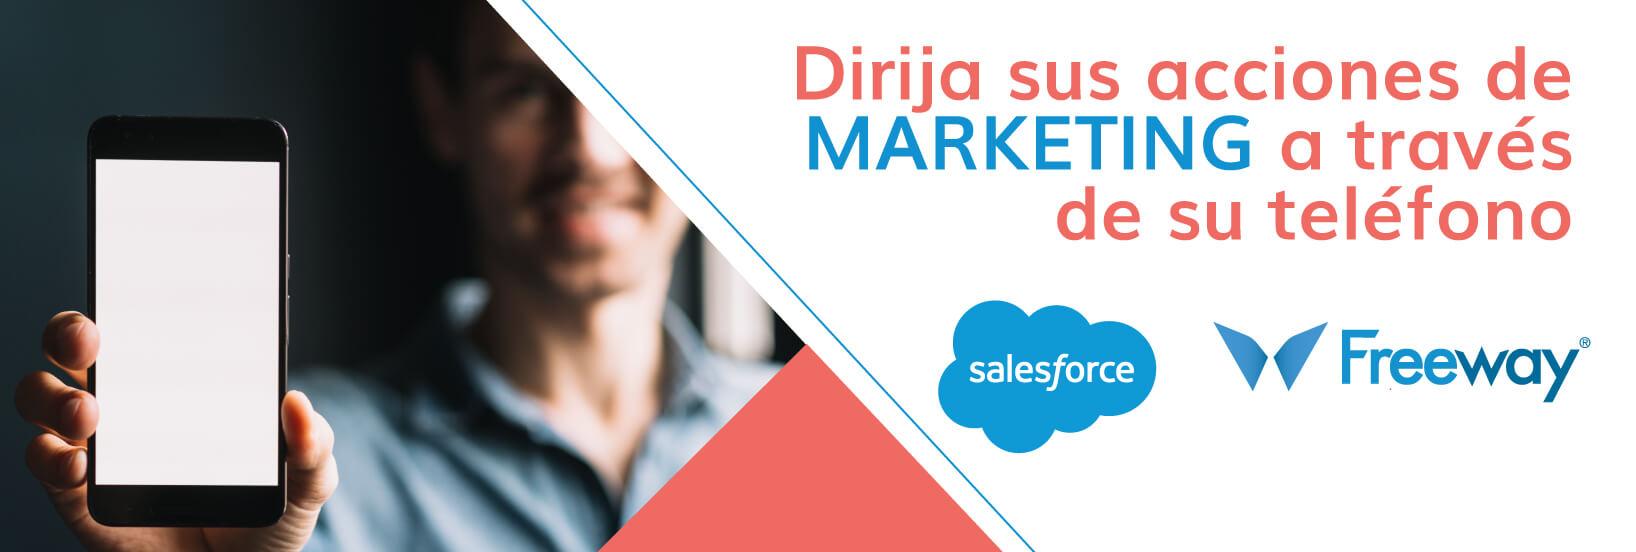 Dirija sus acciones de Marketing digital a través de su teléfono